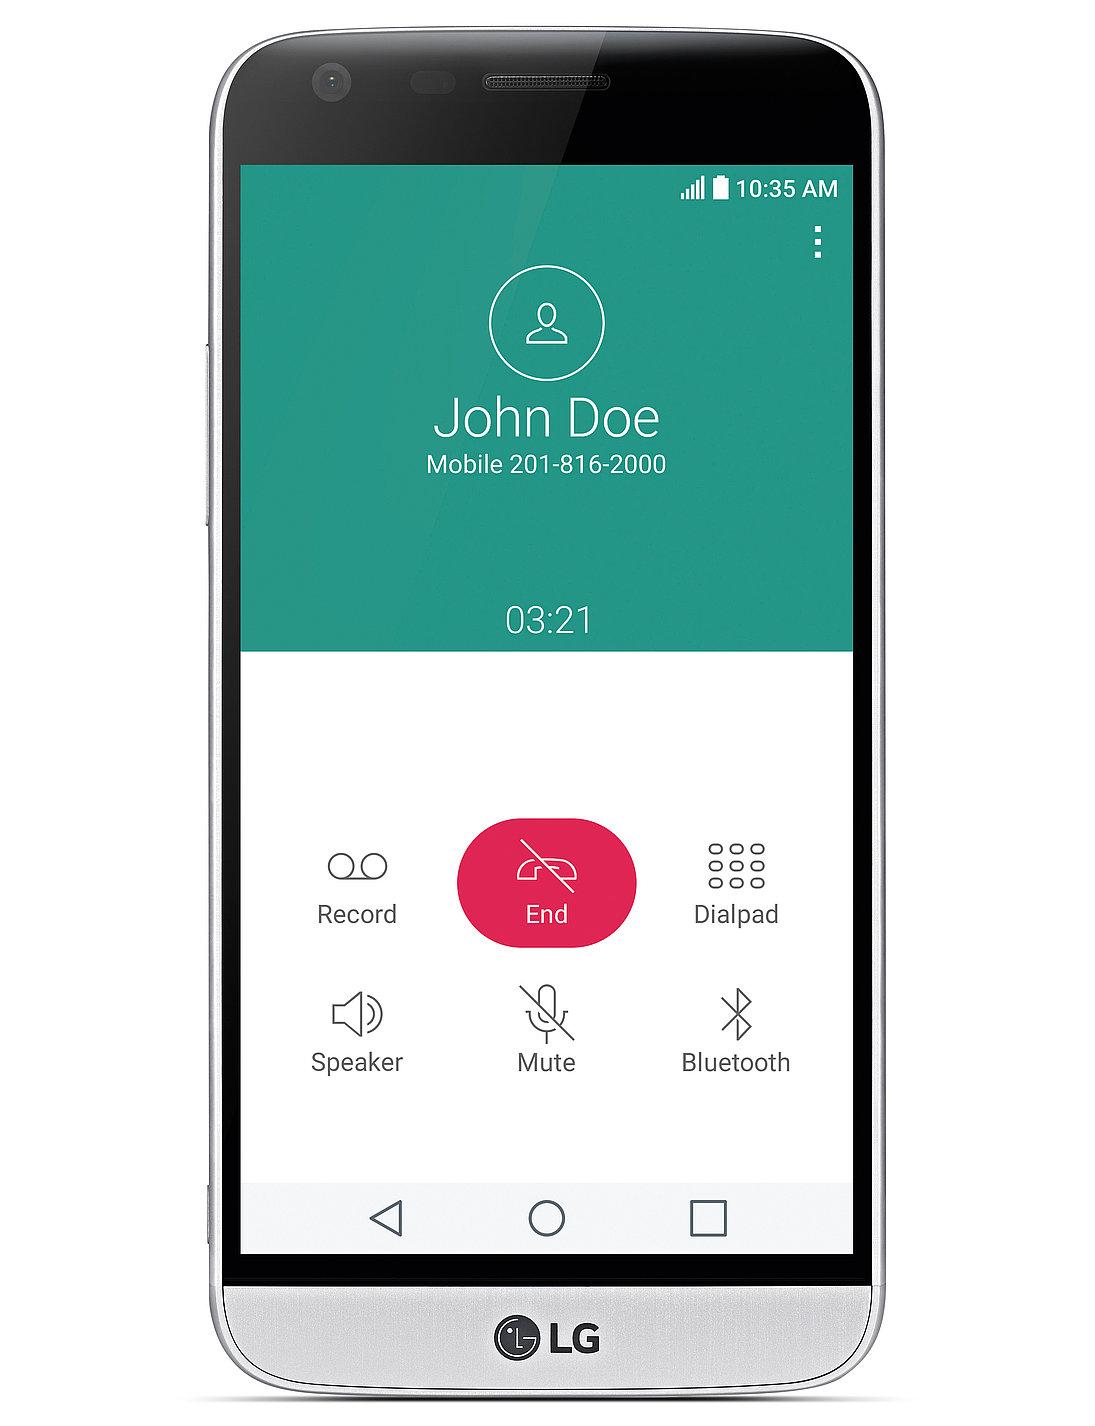 LG G5 GUI | Red Dot Design Award